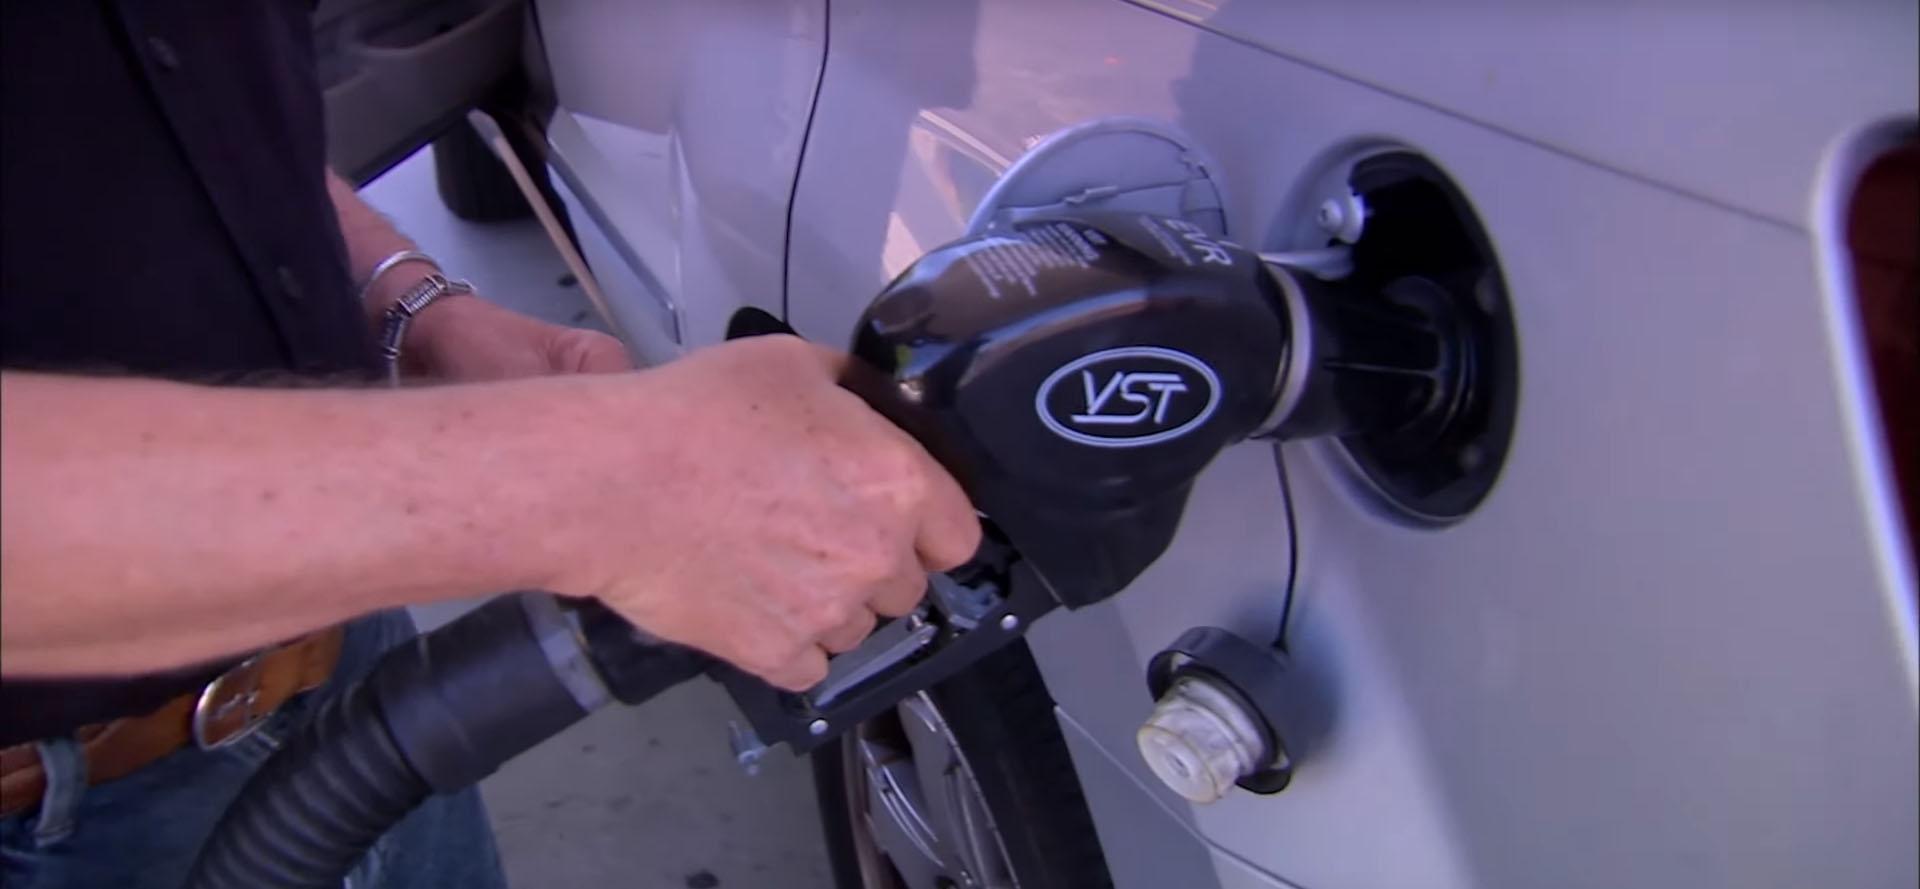 Еве зошто не треба да продолжите со дополна на гориво по првиот прекин на дотур од пумпата / ВИДЕО